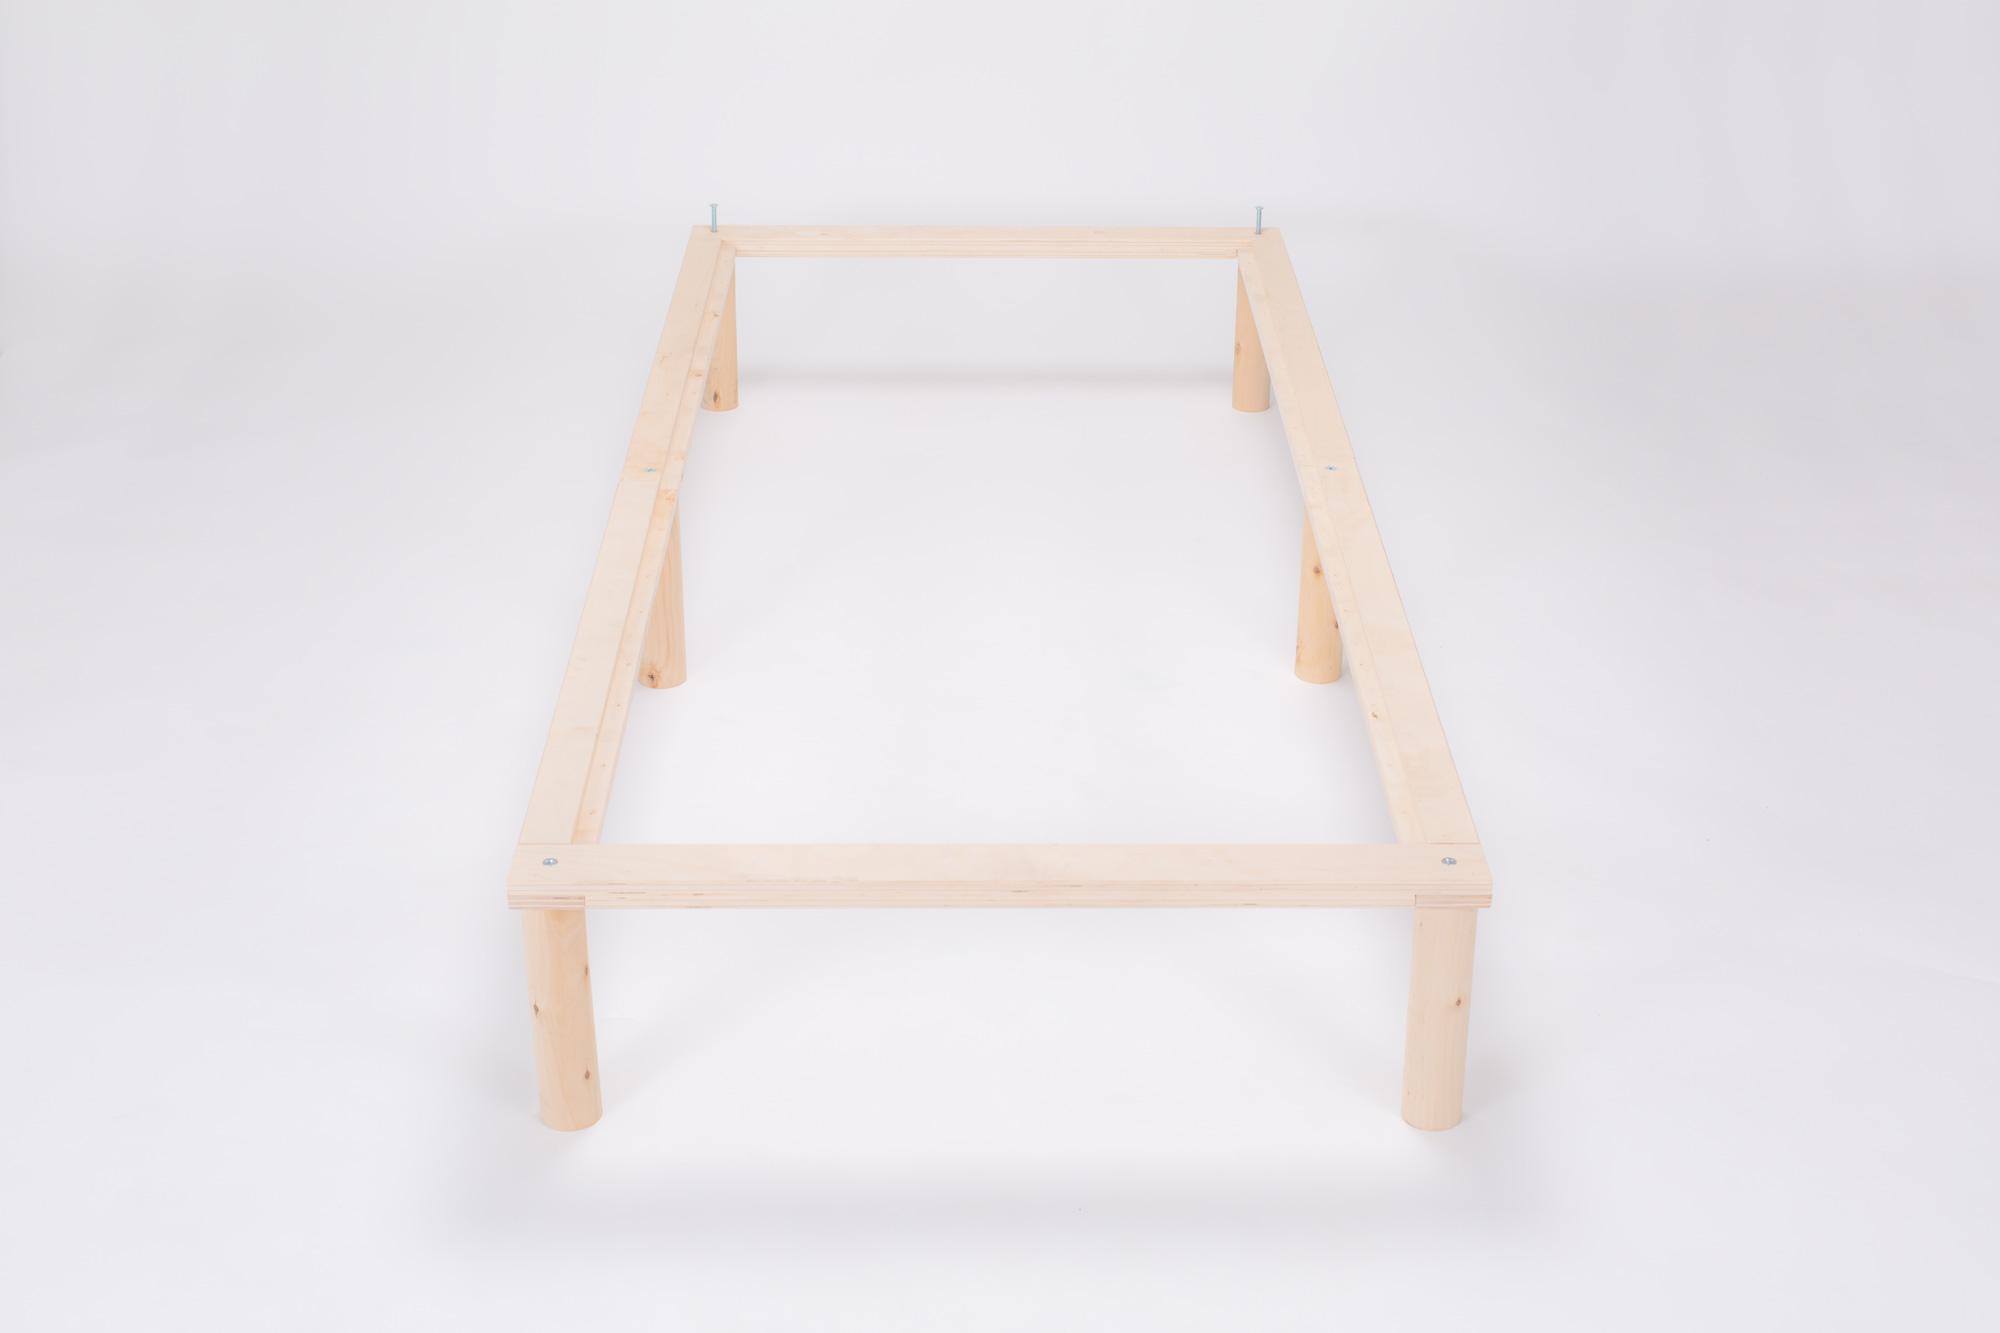 Gigapur G1 29760 Bett | Co-Sleeping | Birke Natur Schicht-Holz | Bettrahmen belastbar bis 195 kg | 250 x 200 cm (1 x 70 x 200 cm + 2 x 90 x 200 cm)